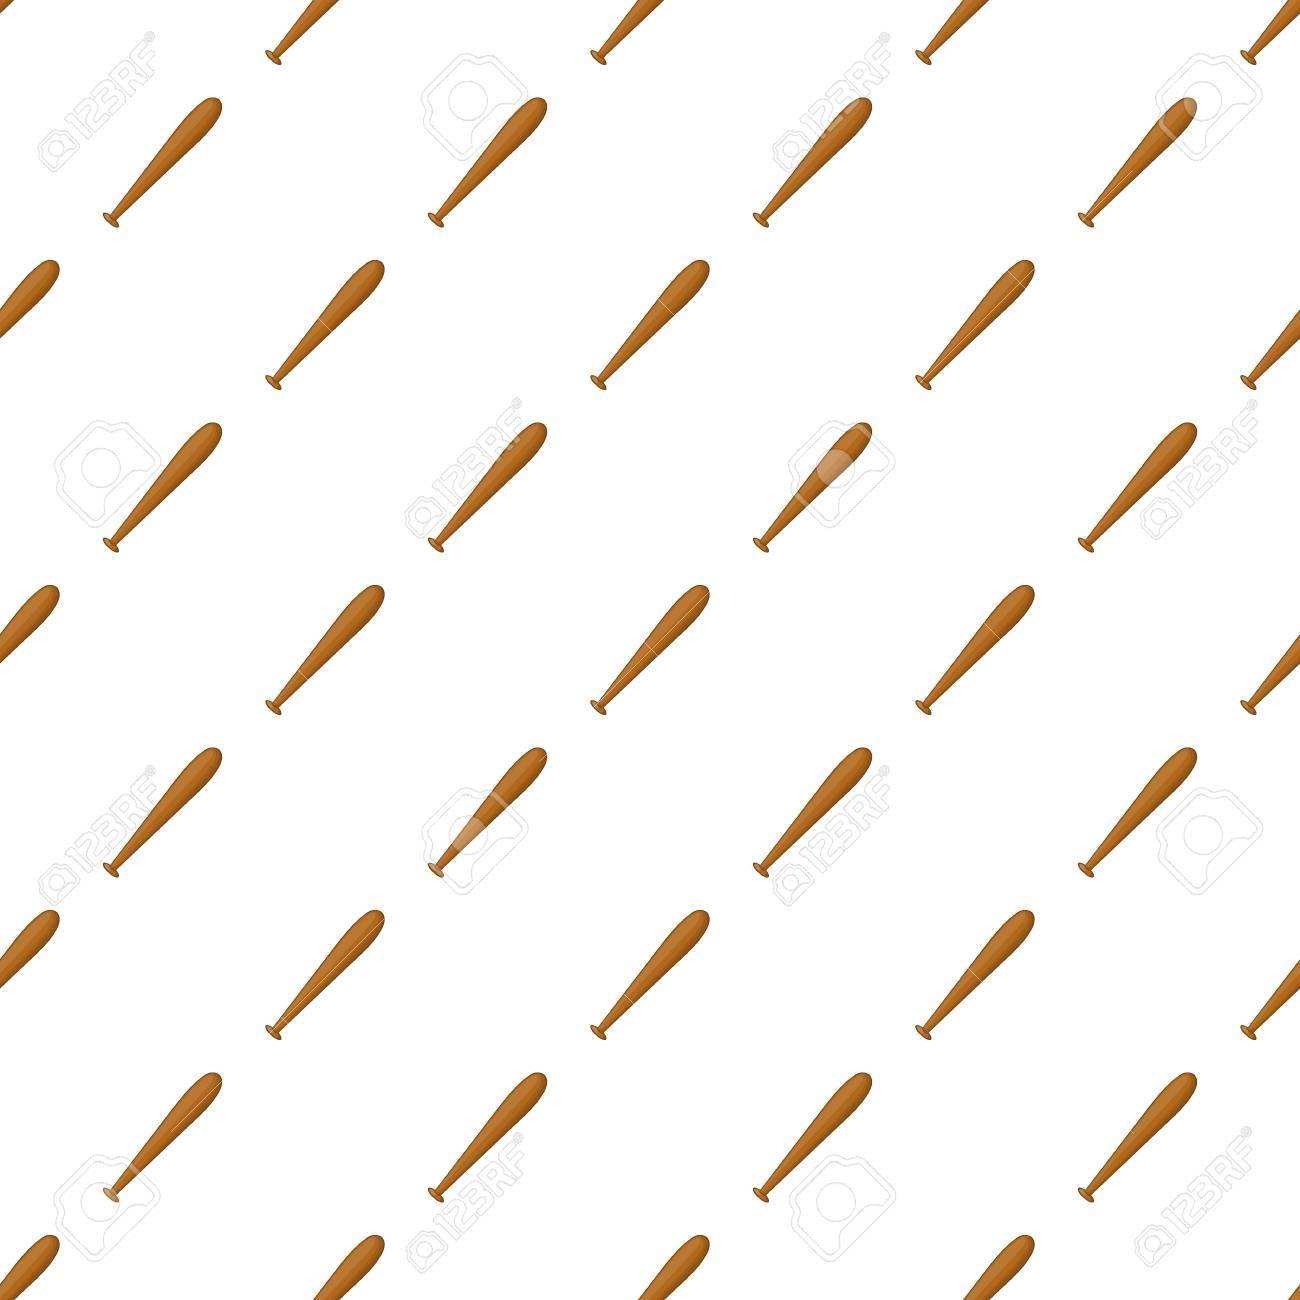 Baseball Bat Pattern Cartoon Illustration Of Baseball Bat Vector